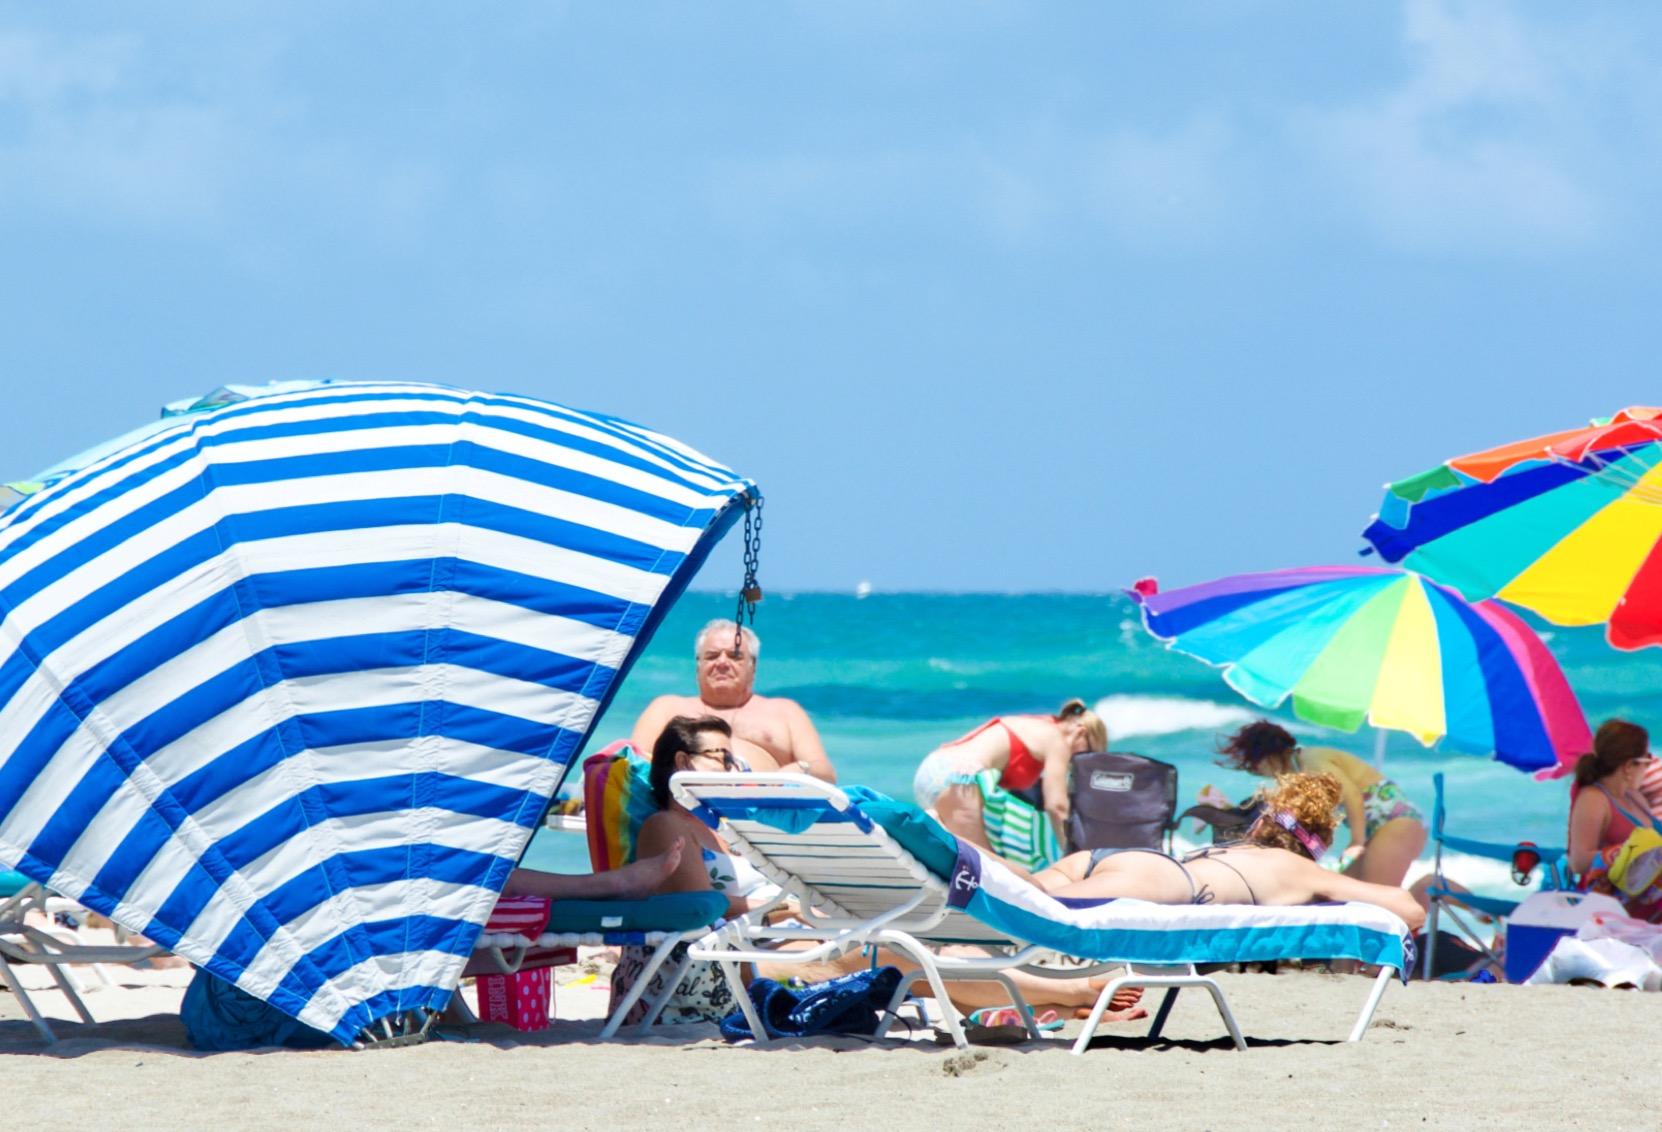 FLORIDE, LE 10 MAI 2021 – ESSENCE $$ ET VIE PLUS NORMALE